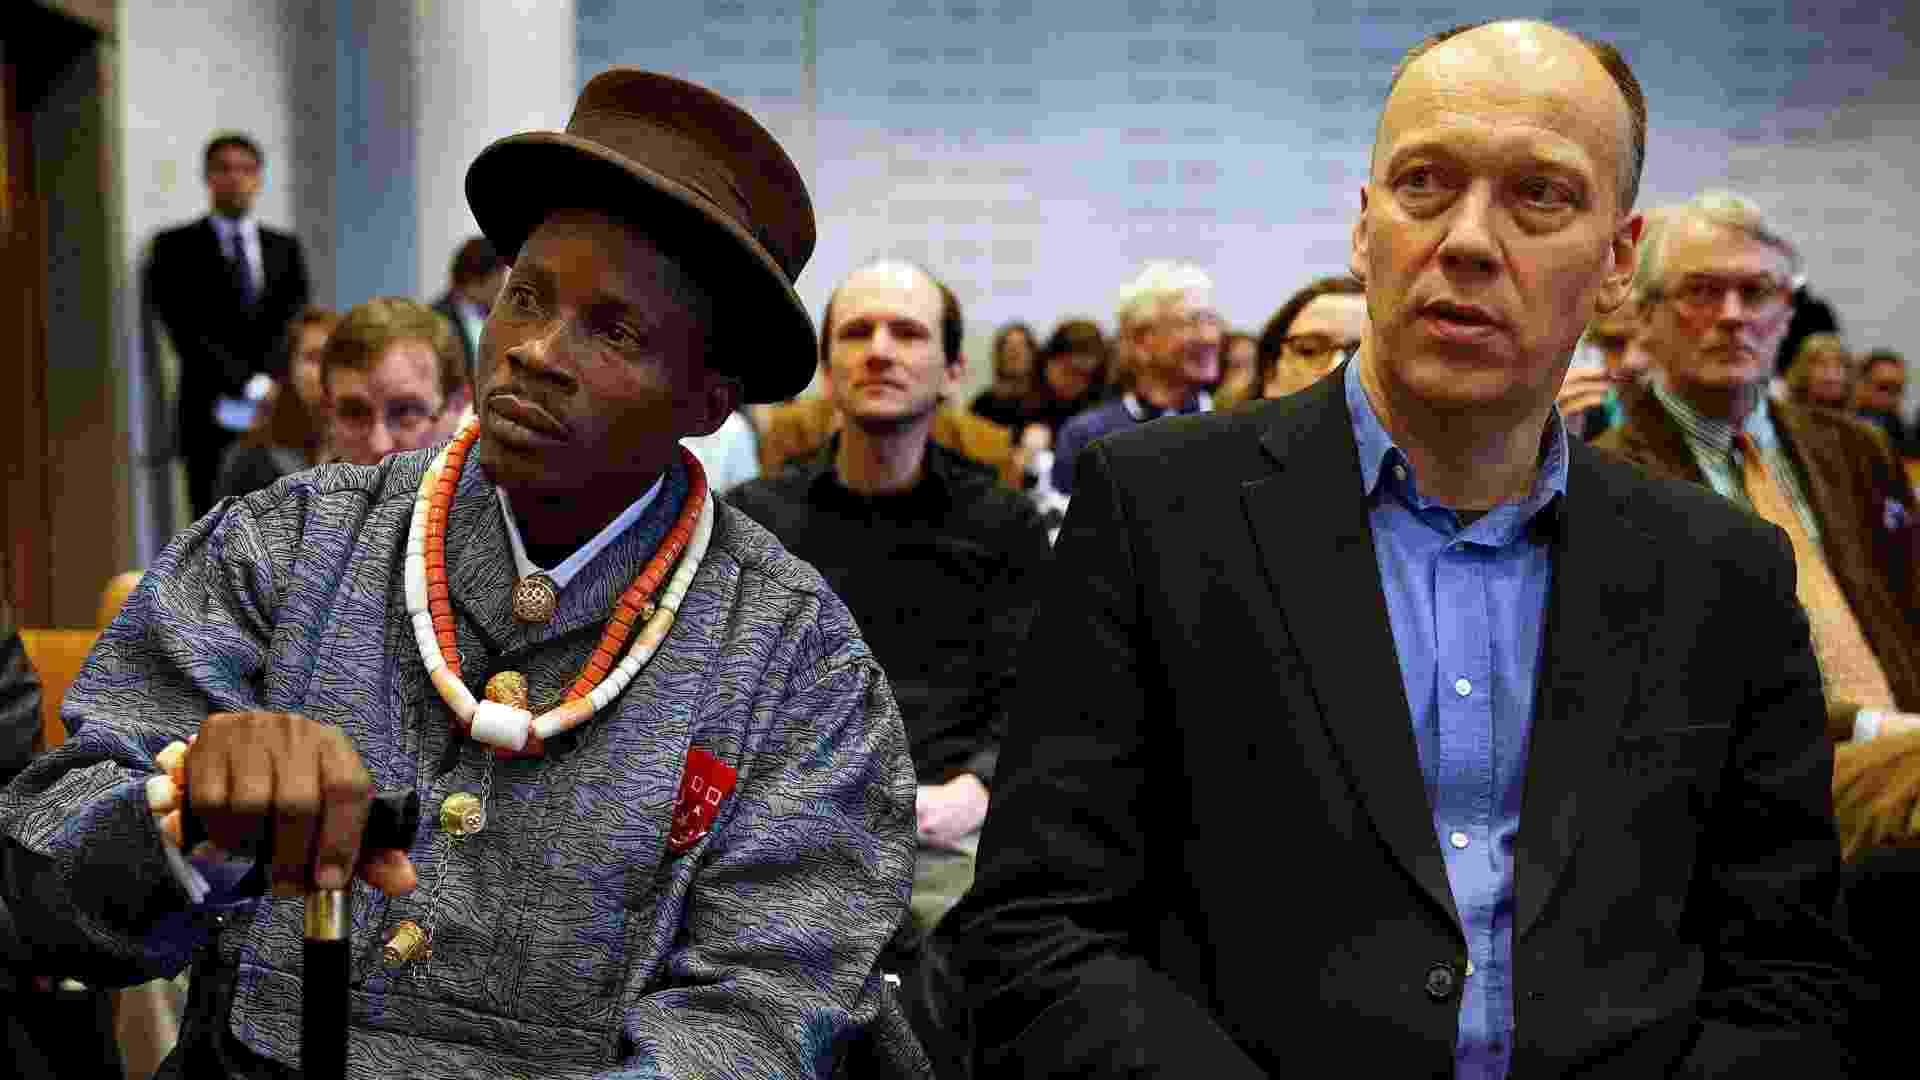 30.jan.2013 - O fazendeiro nigeriano Eric Dooh, que abriu ação contra a Shell Nigeria, senta ao lado de Geert Ritsema, líder da ONG ecológica Milieudefensie, em uma corte da Holanda, nesta quarta-feira. A filial da petroleira foi condenada pela Justiça holandesa por poluir o delta do rio Níger, no sul do país, e terá de pagar indenização ao agricultor - Jerry Lampen/AFP